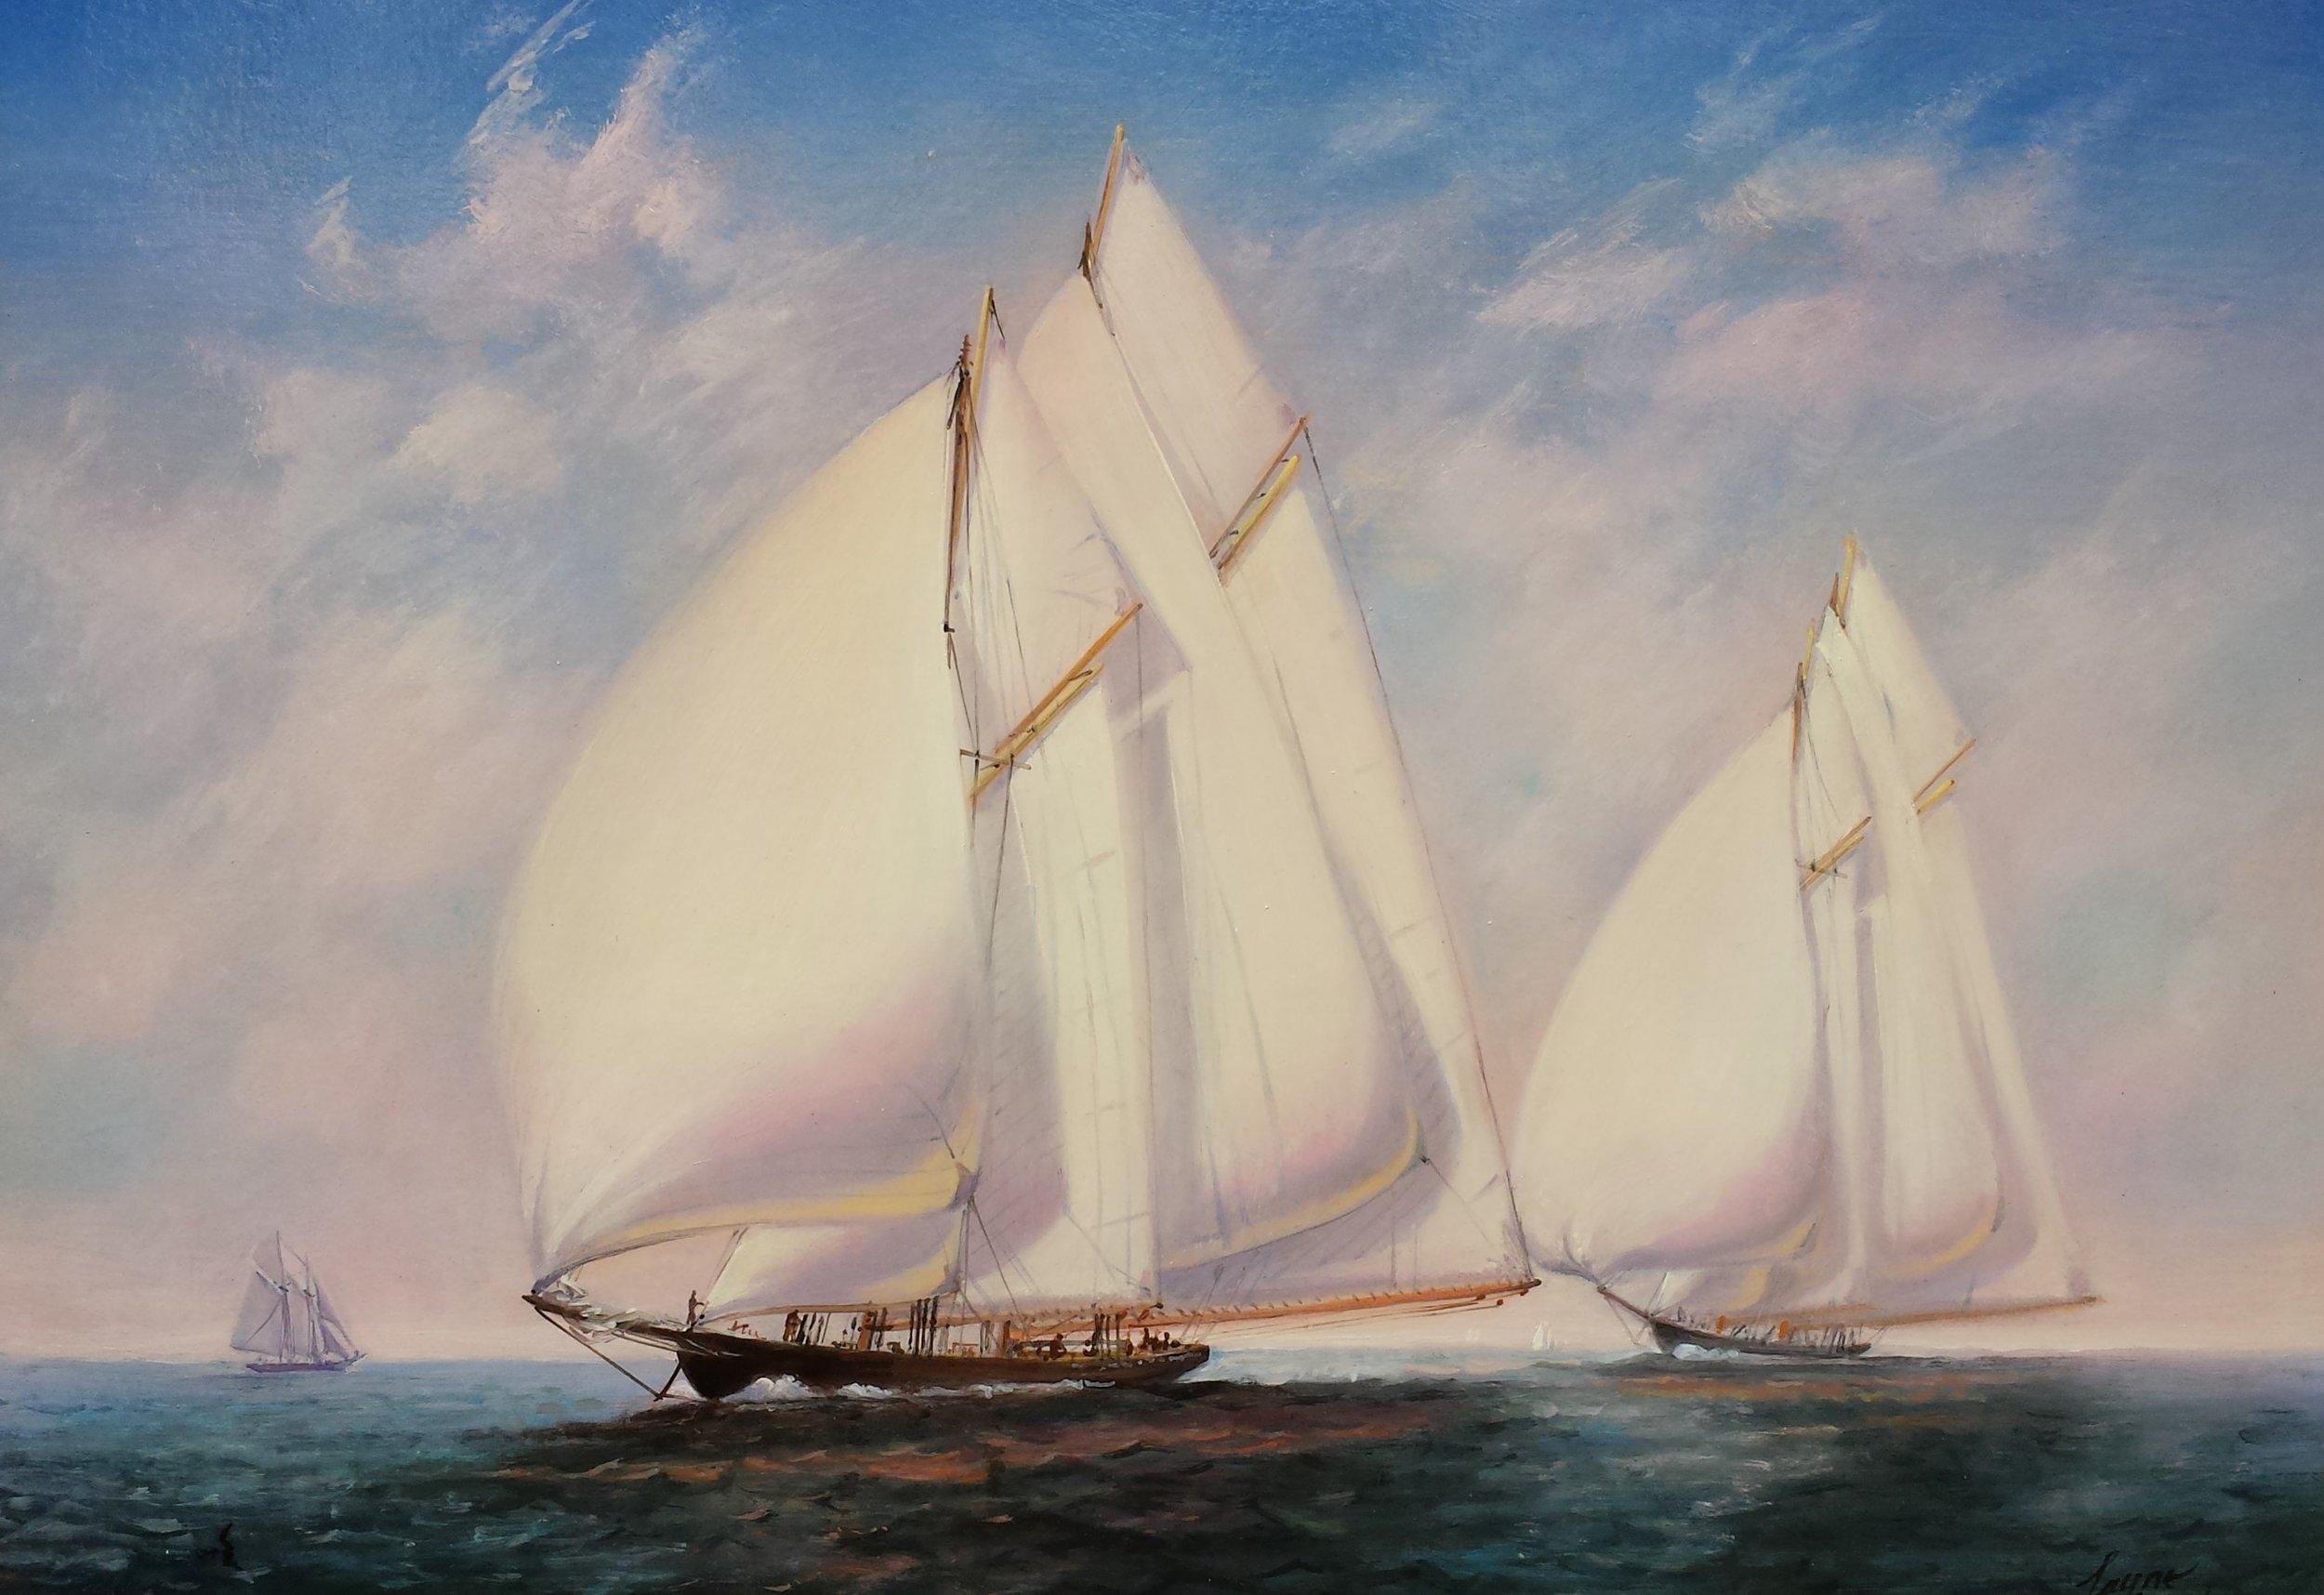 PETER ARGUIMBAU    Schooners Racing    The Gloucester schooners,  Gertrude L. Thebaud  and  Bluenose  racing in 1938.  30 x 36 inches